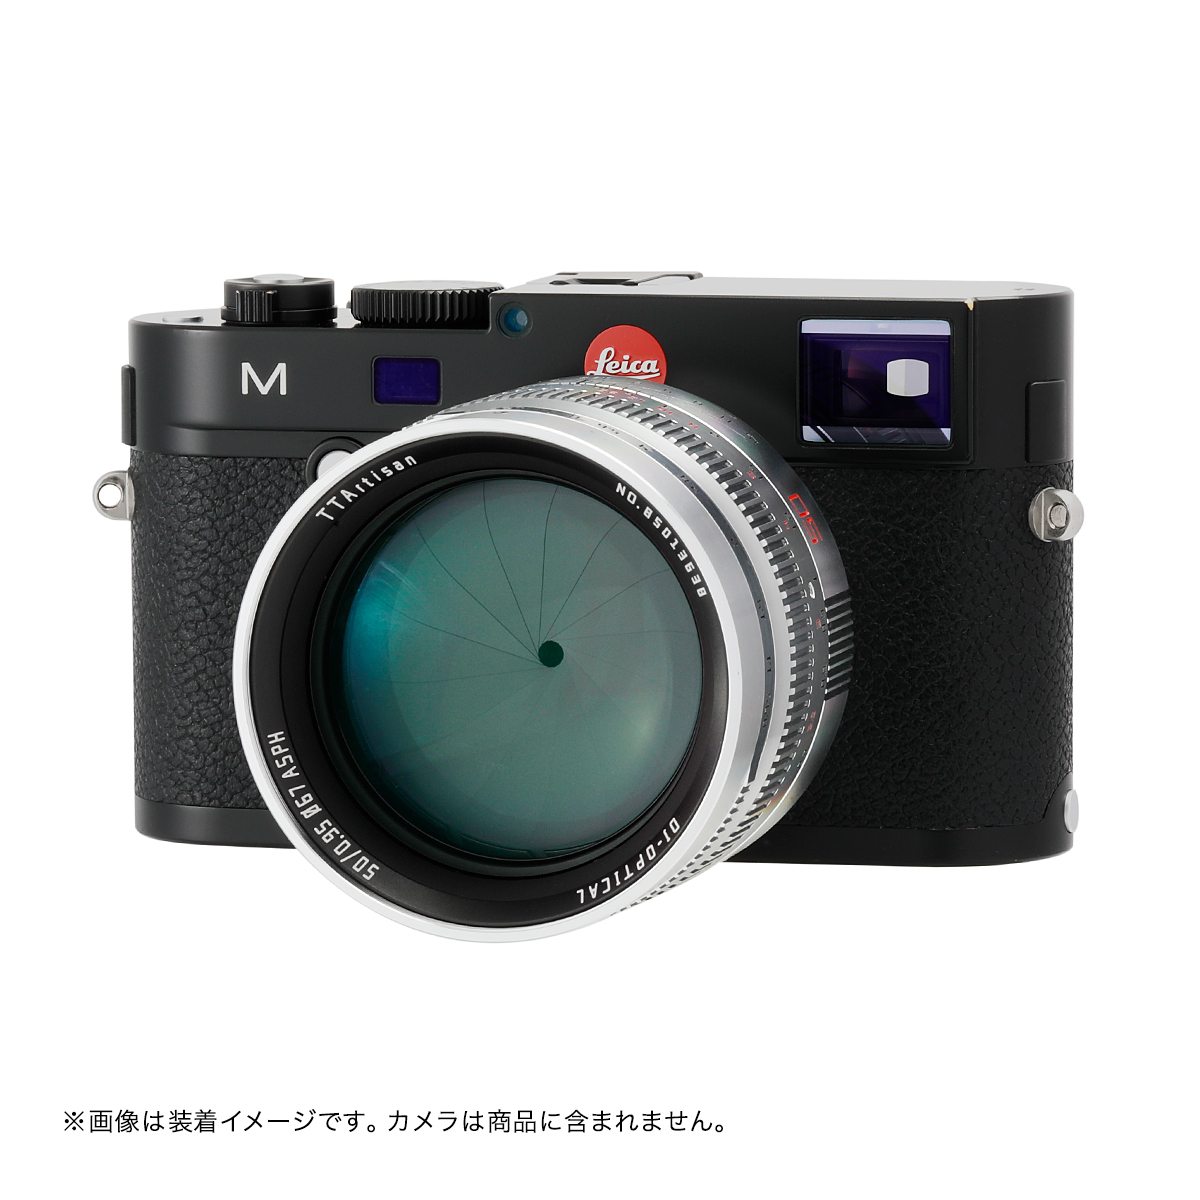 銘匠光学 TTArtisan 50mm f/0.95 ASPH 単焦点レンズ シルバー ライカMマウント - 予約販売(入荷次第に出荷)